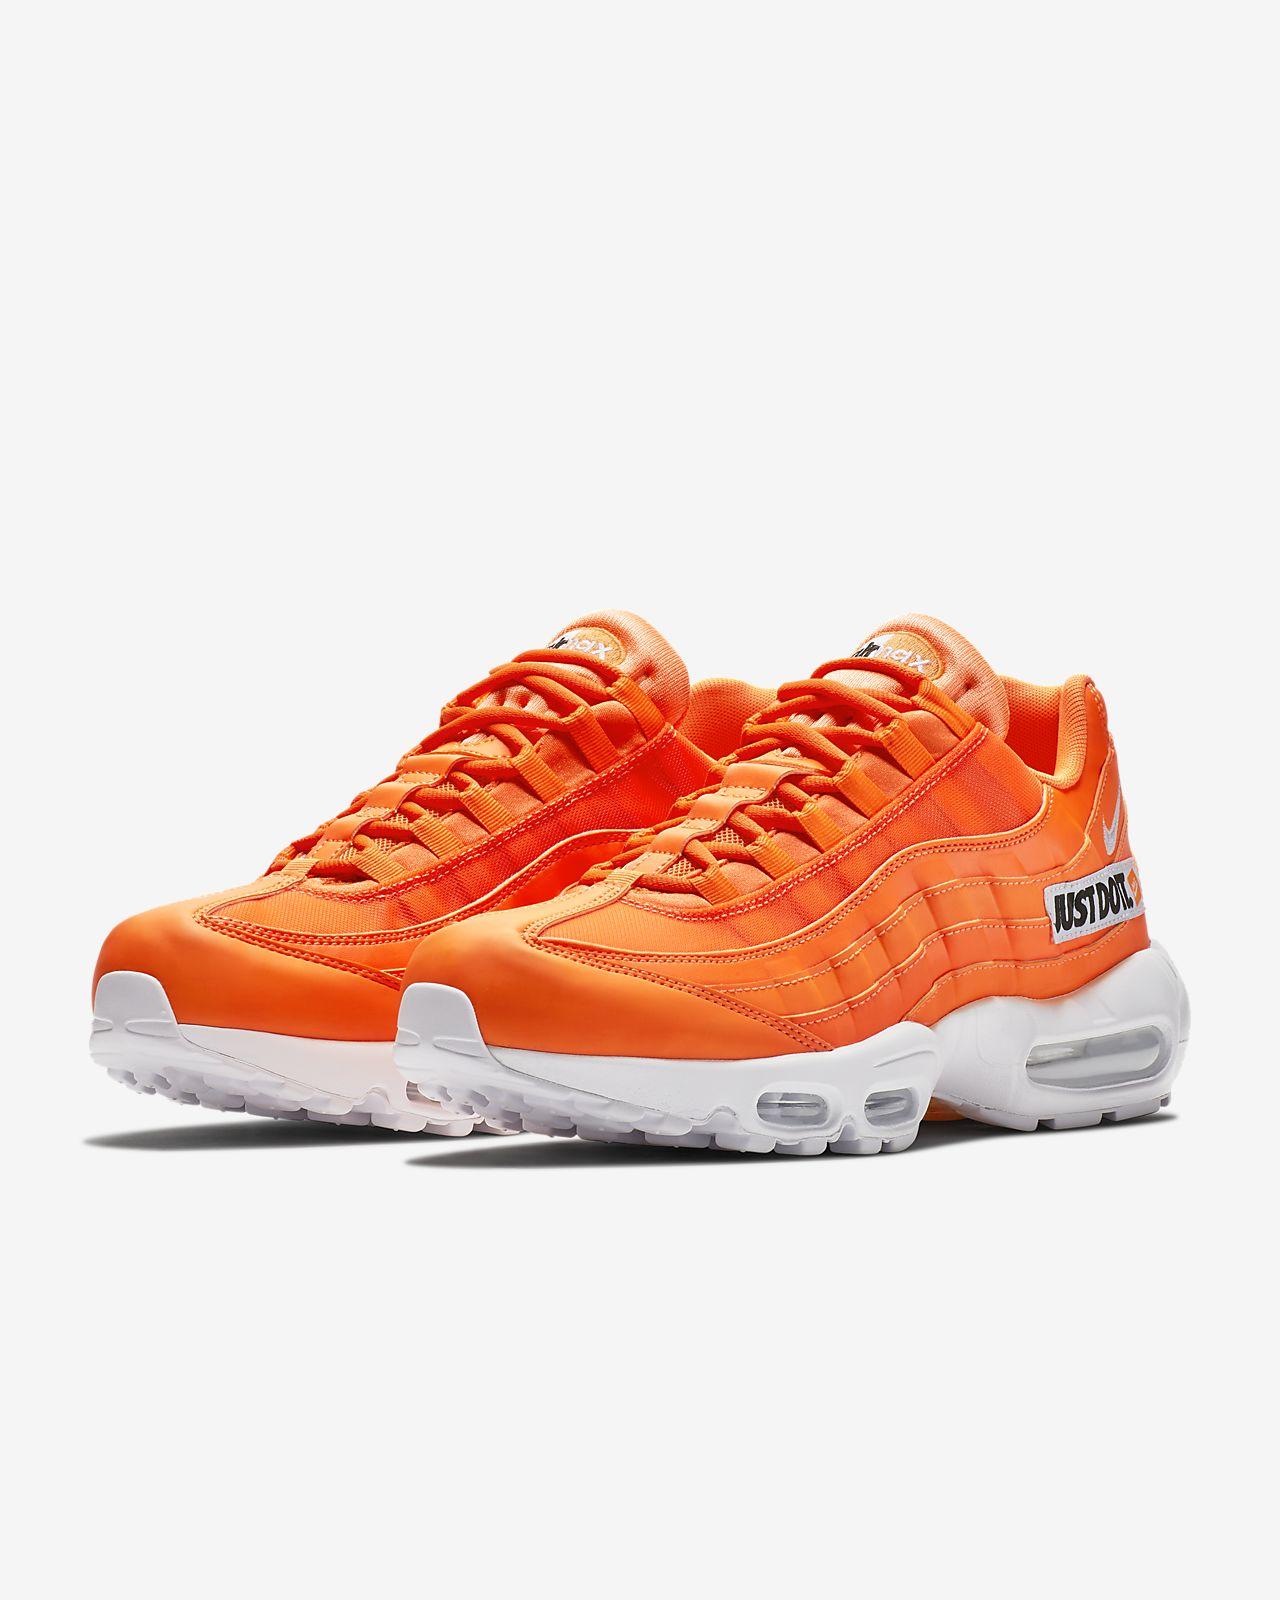 Nike Air Max 90 Cool Grey Total Orange •